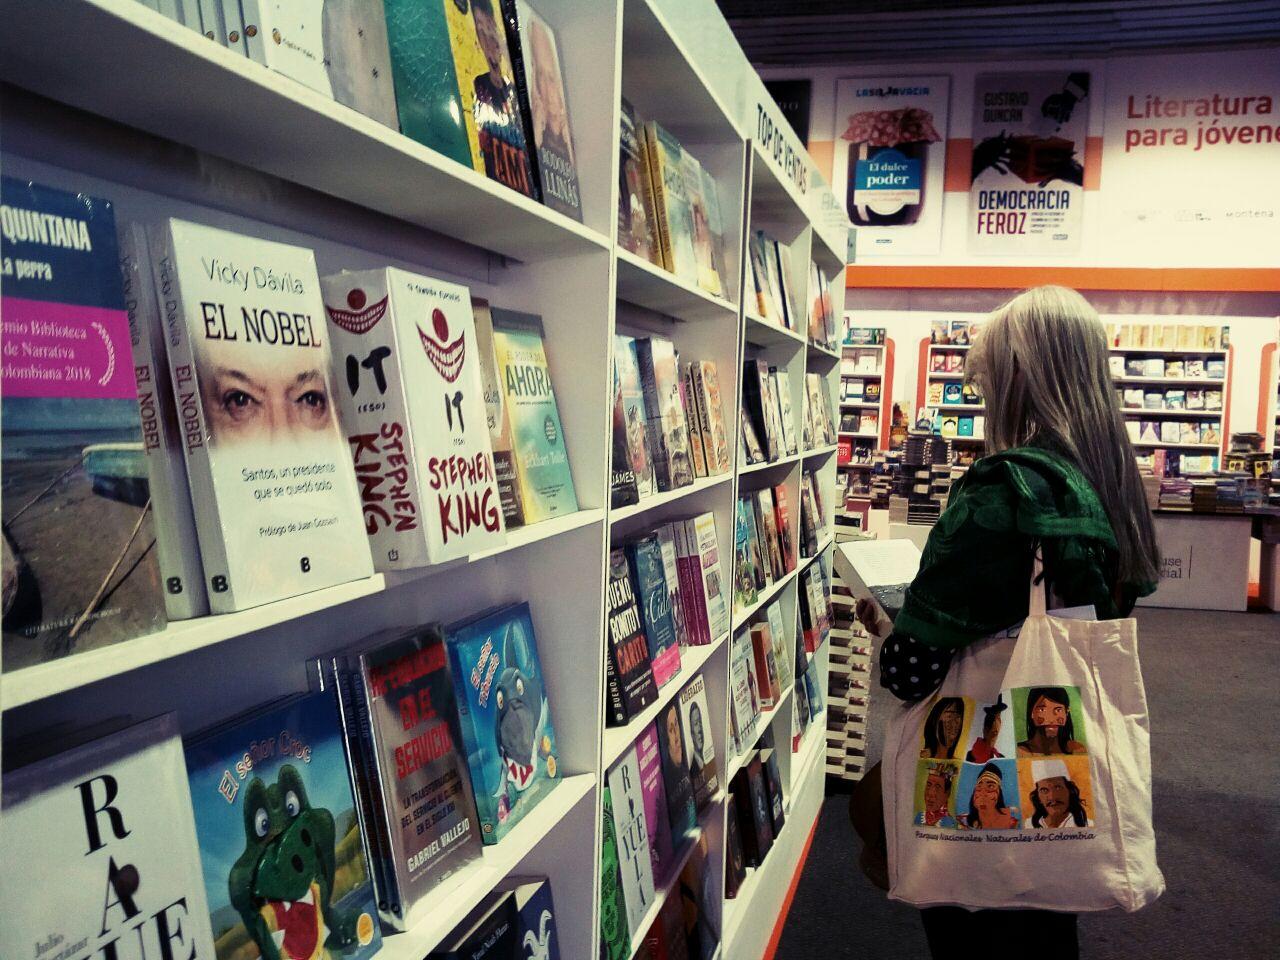 Las mujeres de la FILBo 2018 - literatura